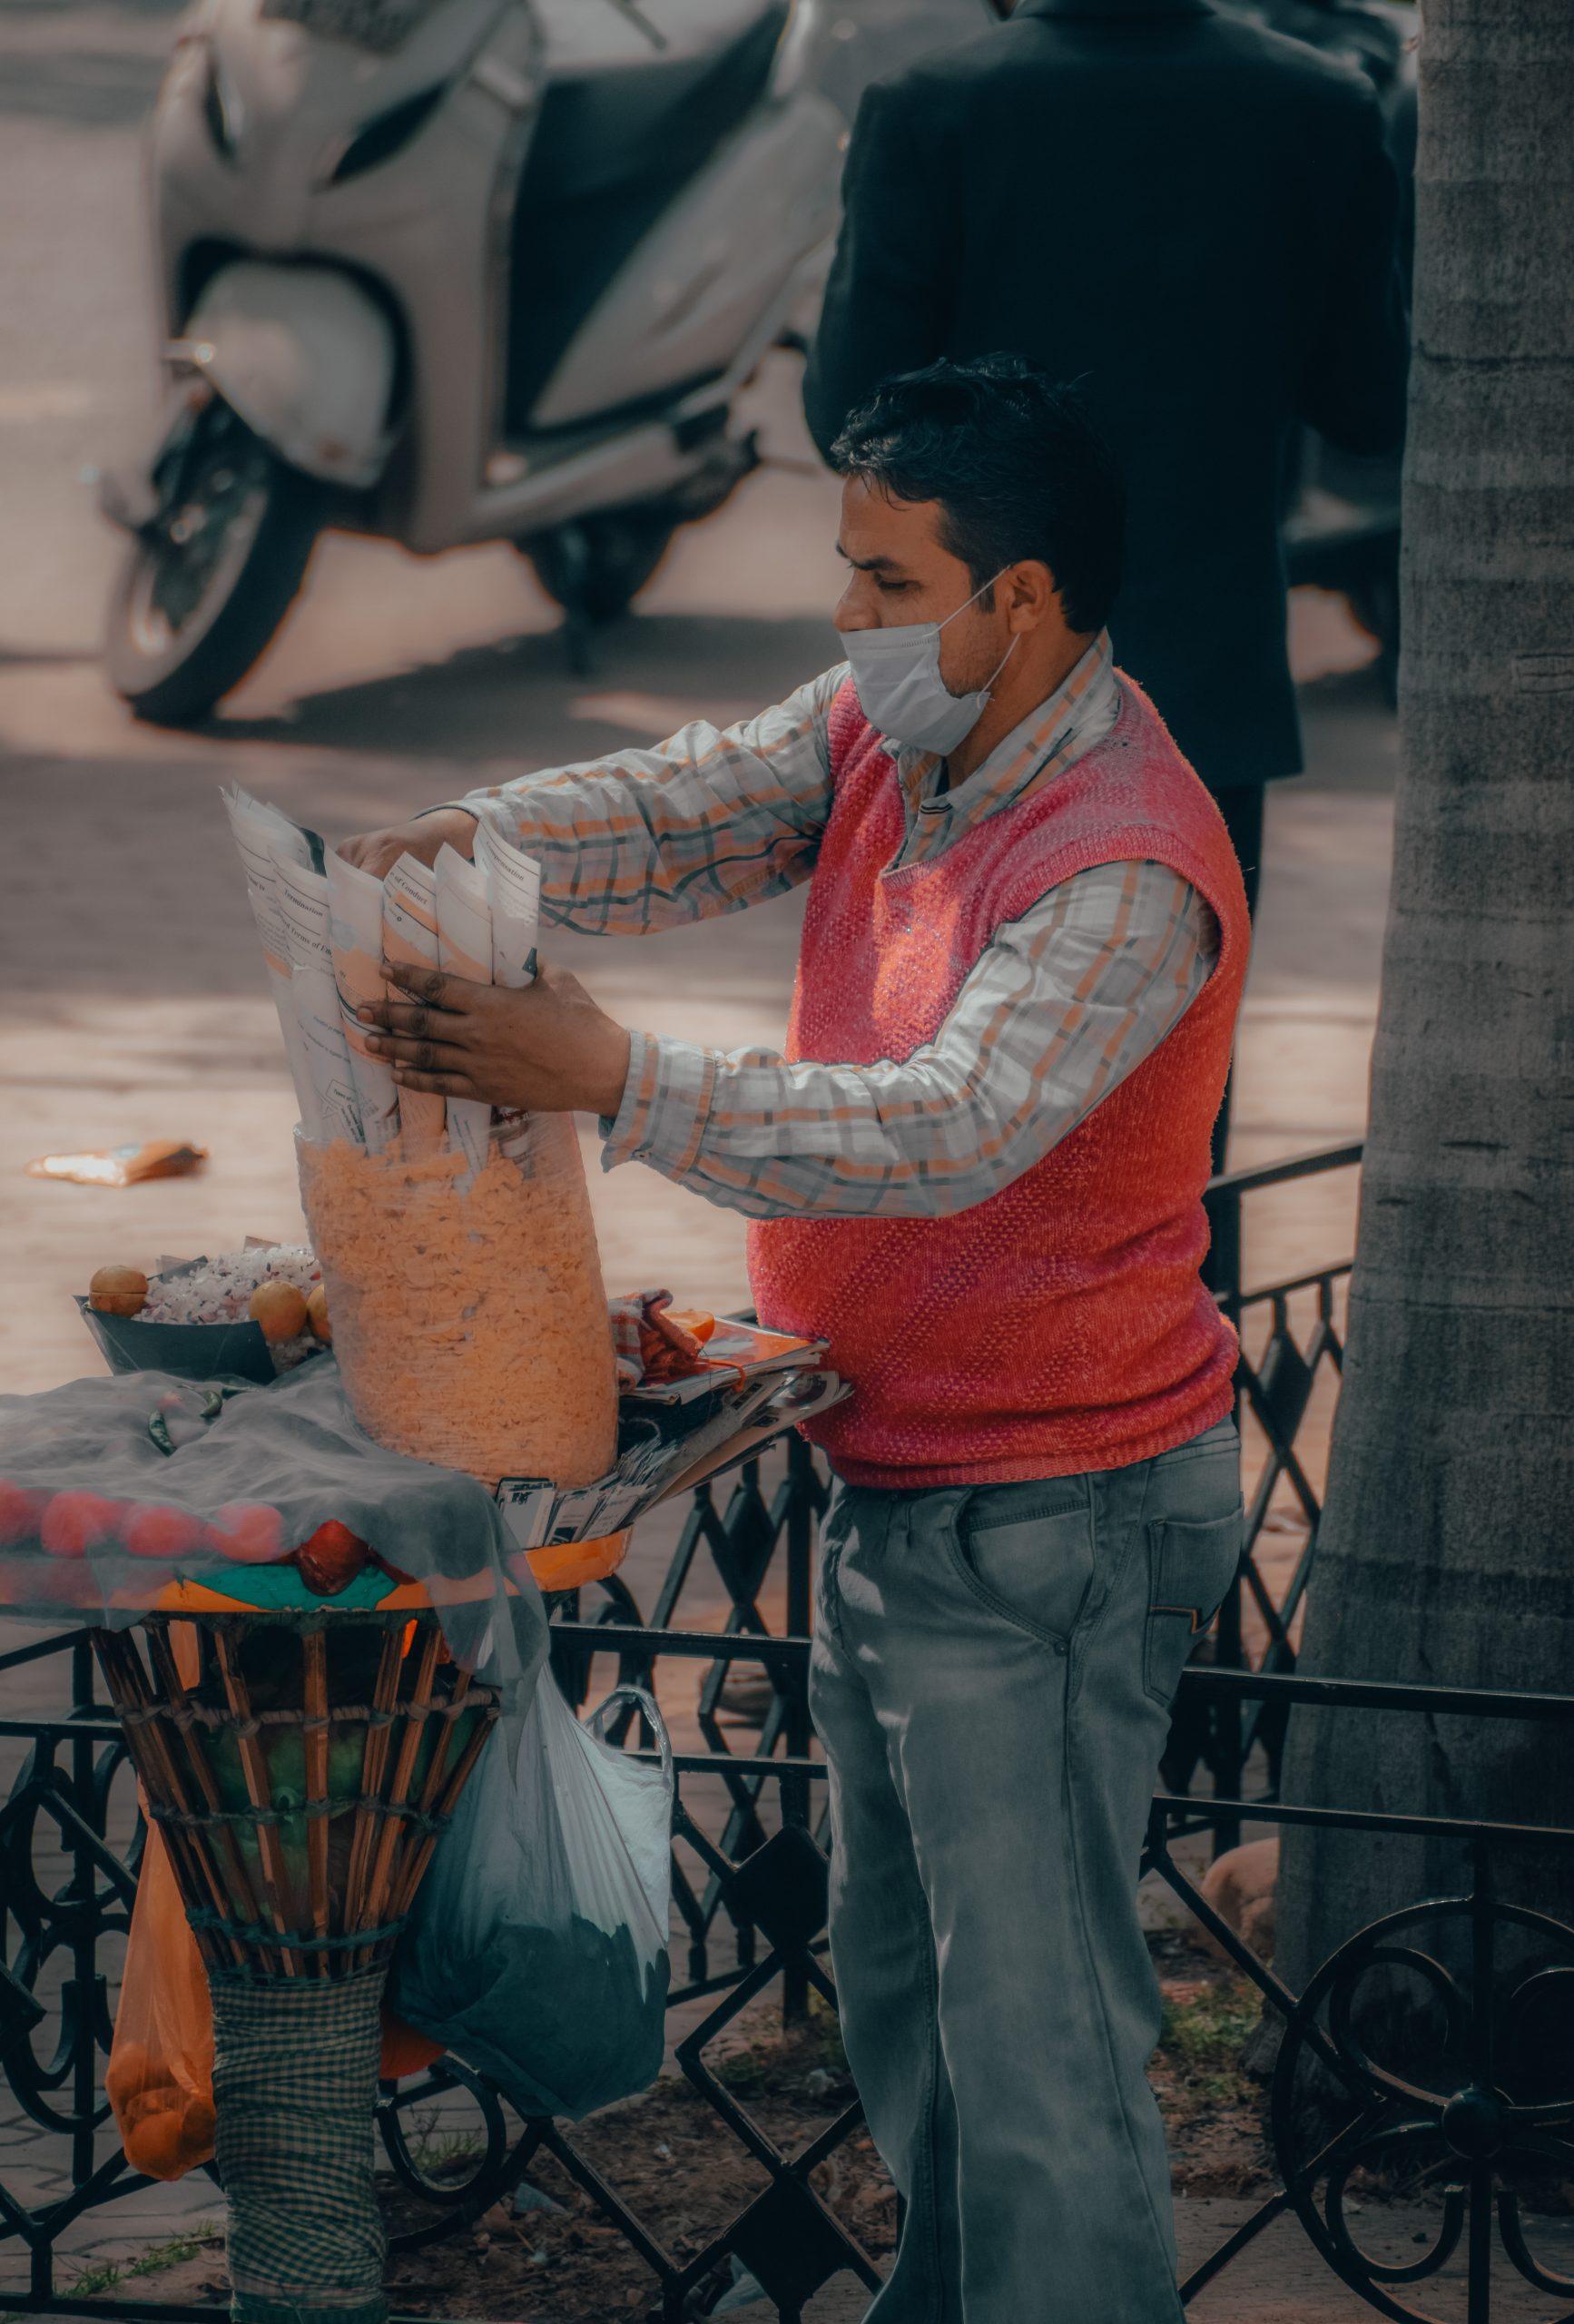 Man selling street food